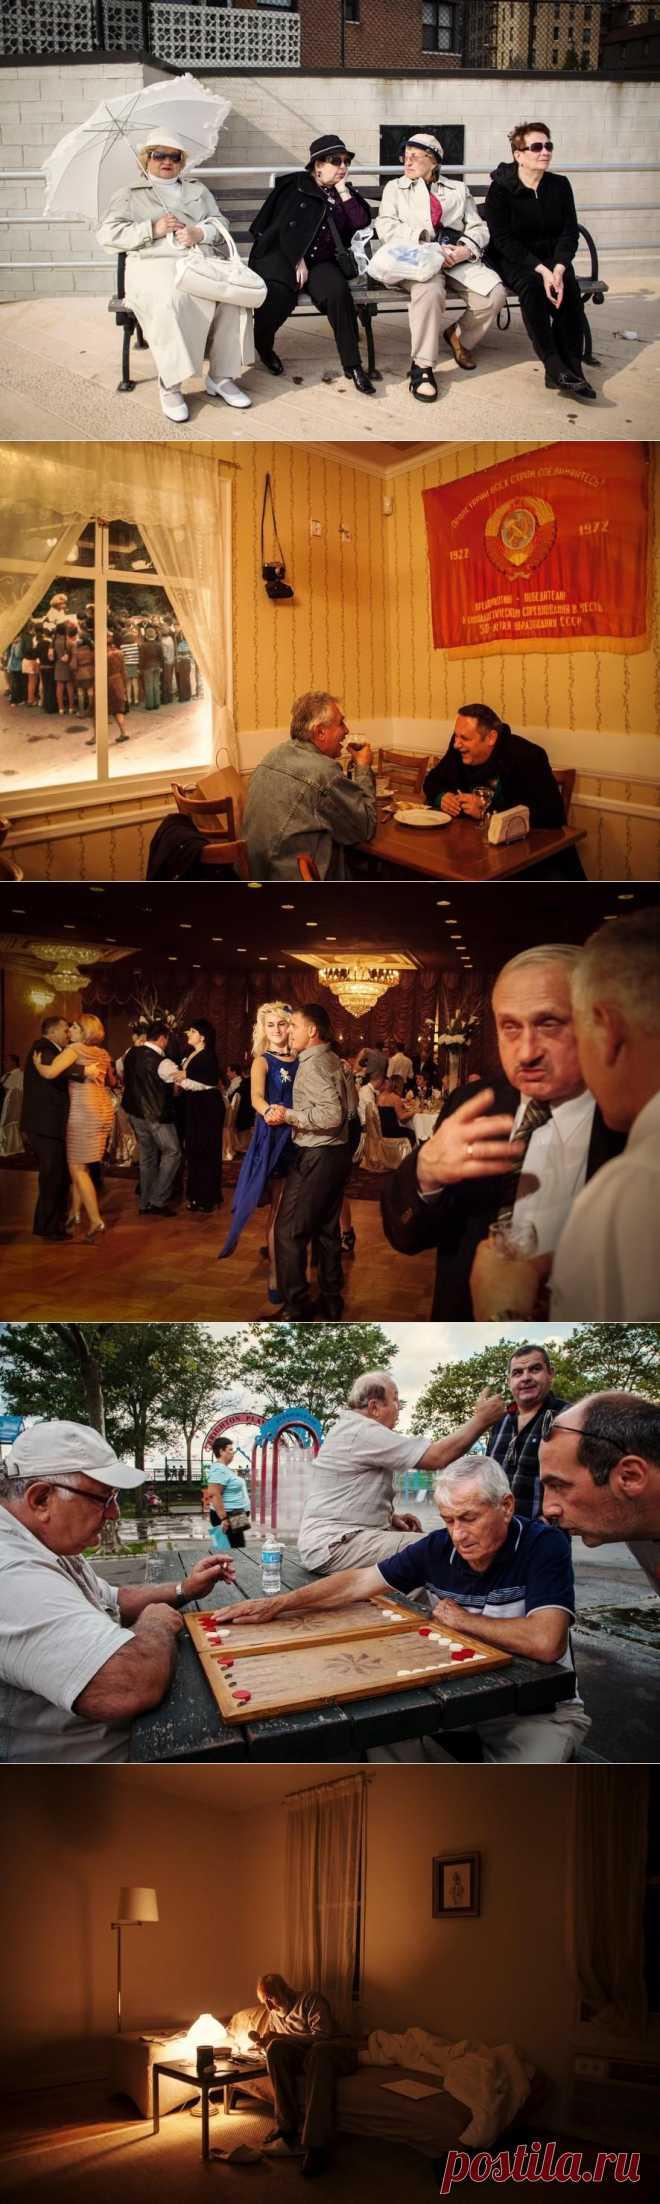 Украинский фотограф Ульяна Базар наблюдает за людьми на Брайтон-Бич, где проживает много эмигрантов из СССР.